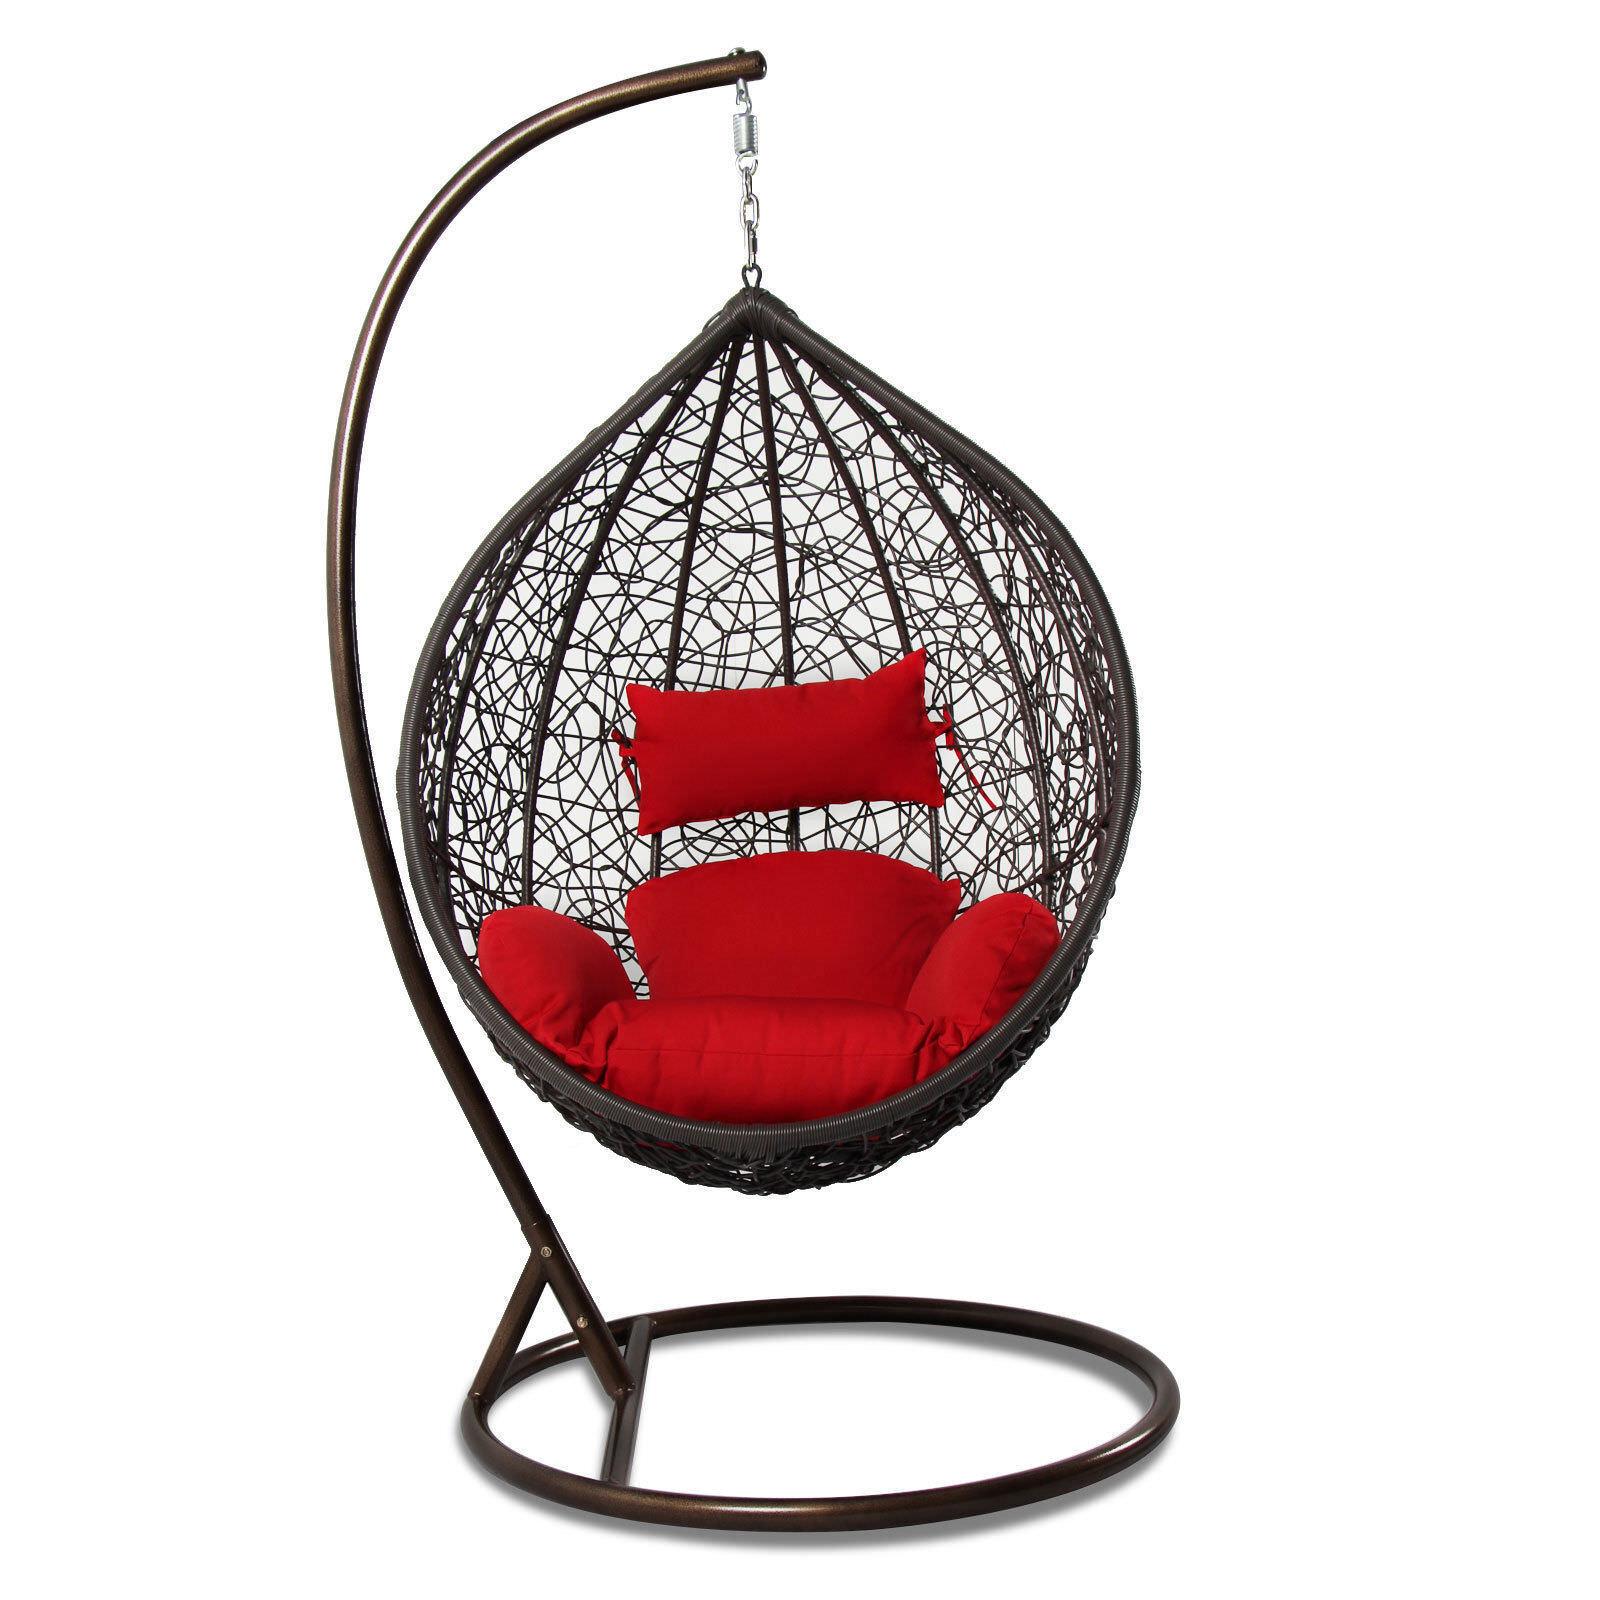 Buy Cover Outdoor Rattan Wicker Hanging Hammock Proch Swing Chair W